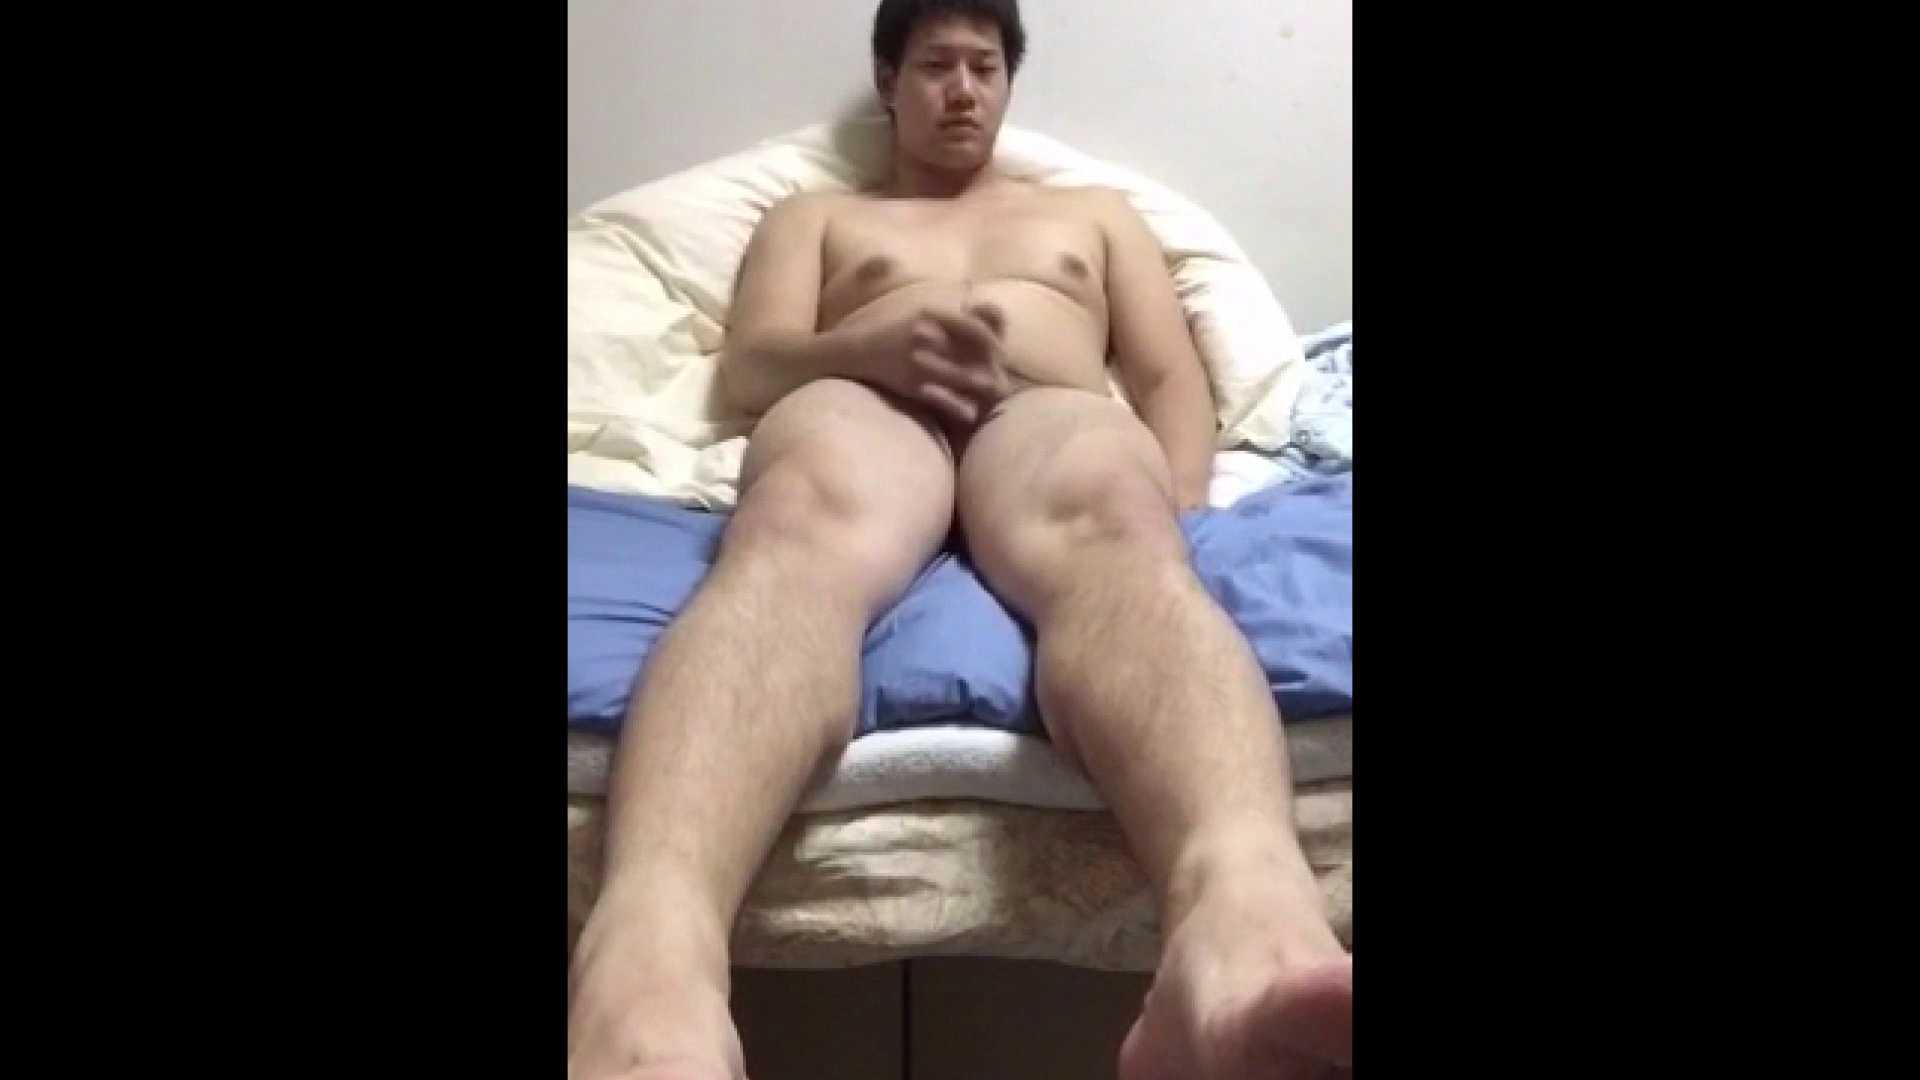 個人撮影 自慰の極意 Vol.18 ゲイの自慰 ゲイ無修正動画画像 52pic 52